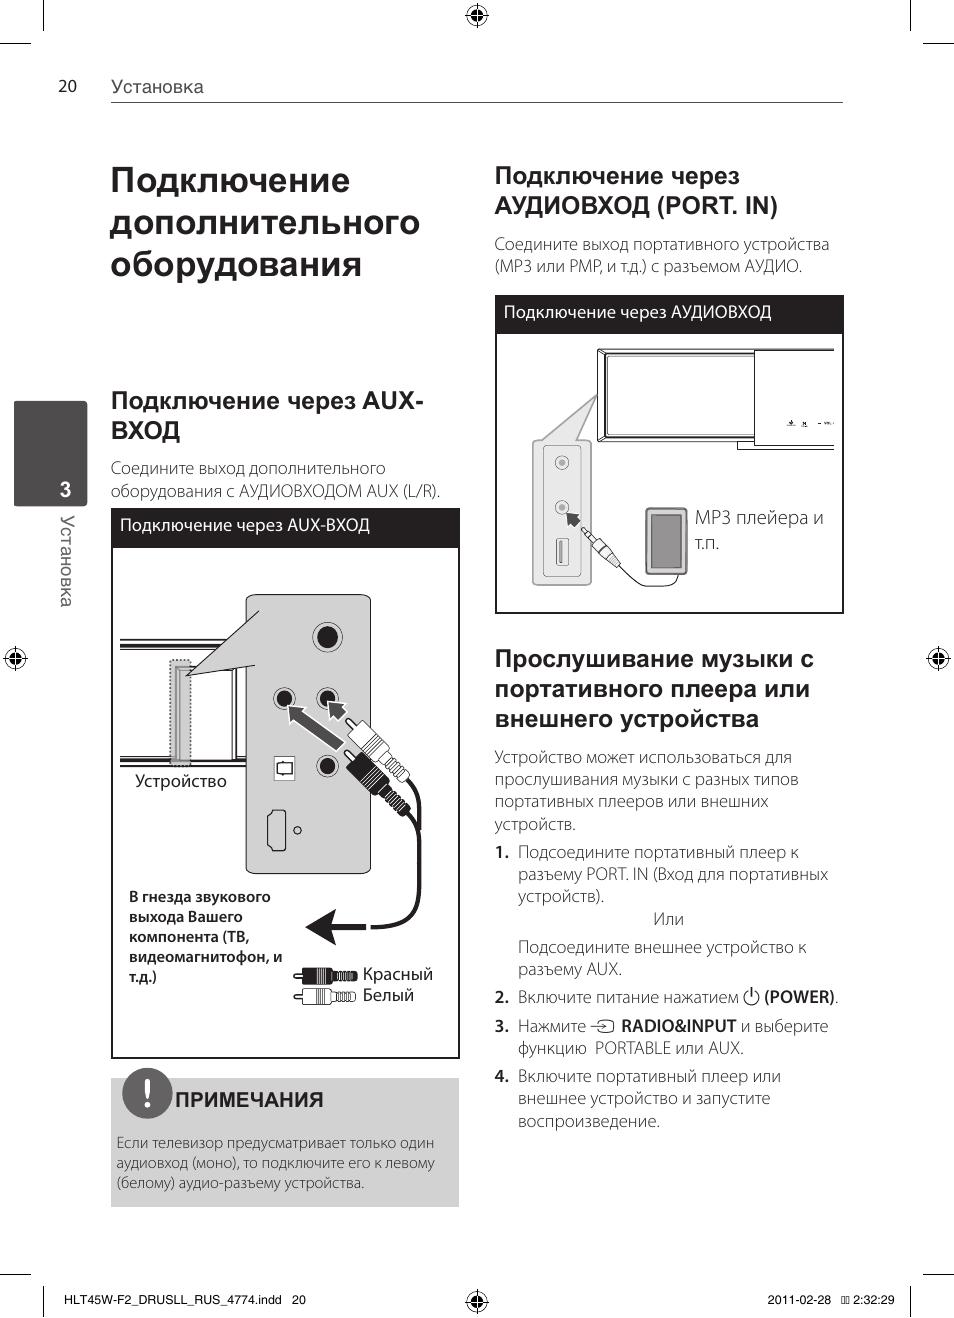 инструкция lg hlt45w